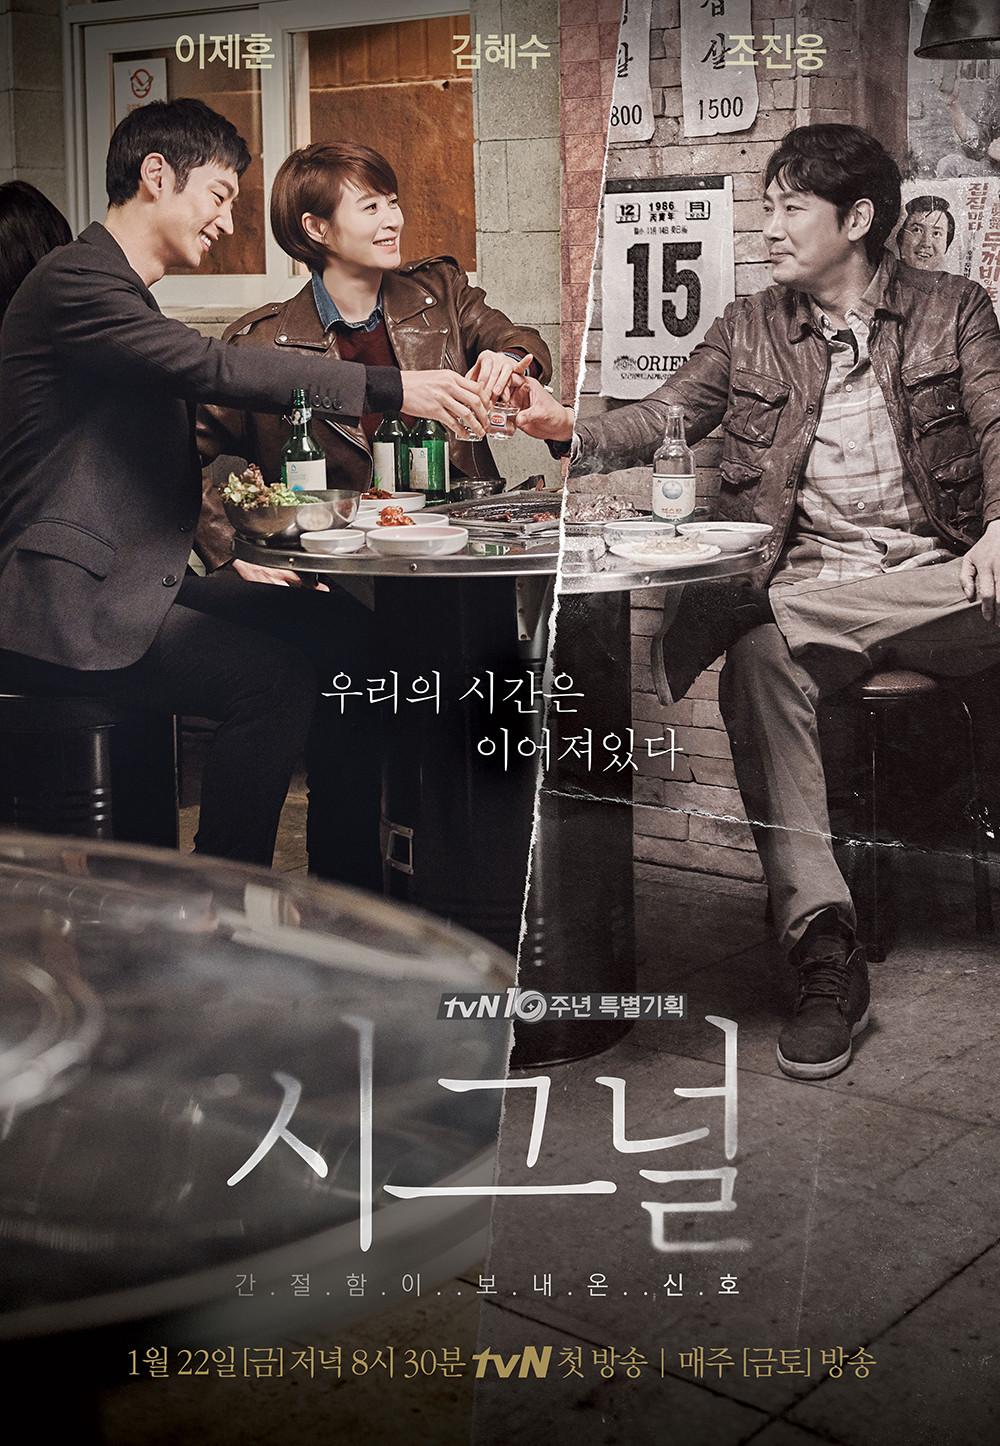 Сериал Сигнал ~ 시그널 Sigeuneol ~ Signal (Южная Корея)